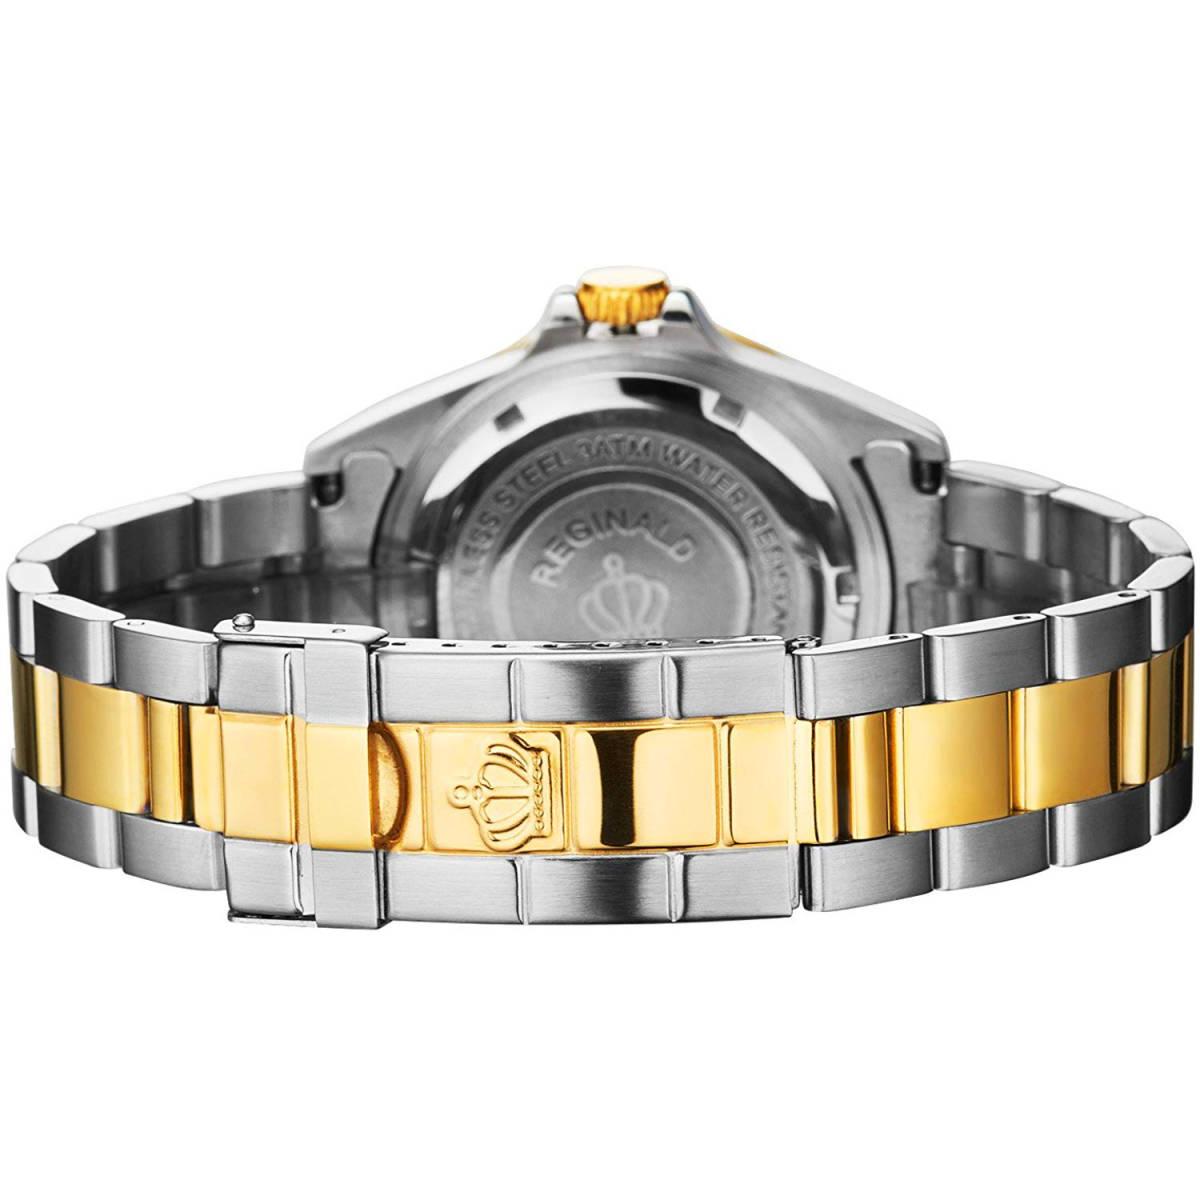 高品質 ダイバーウォッチ 腕時計 メンズ 人気トップブランド ROLEX風 サブ マリーナ ステンレス 300M防水性サファイア 共箱 国内発送即_画像4